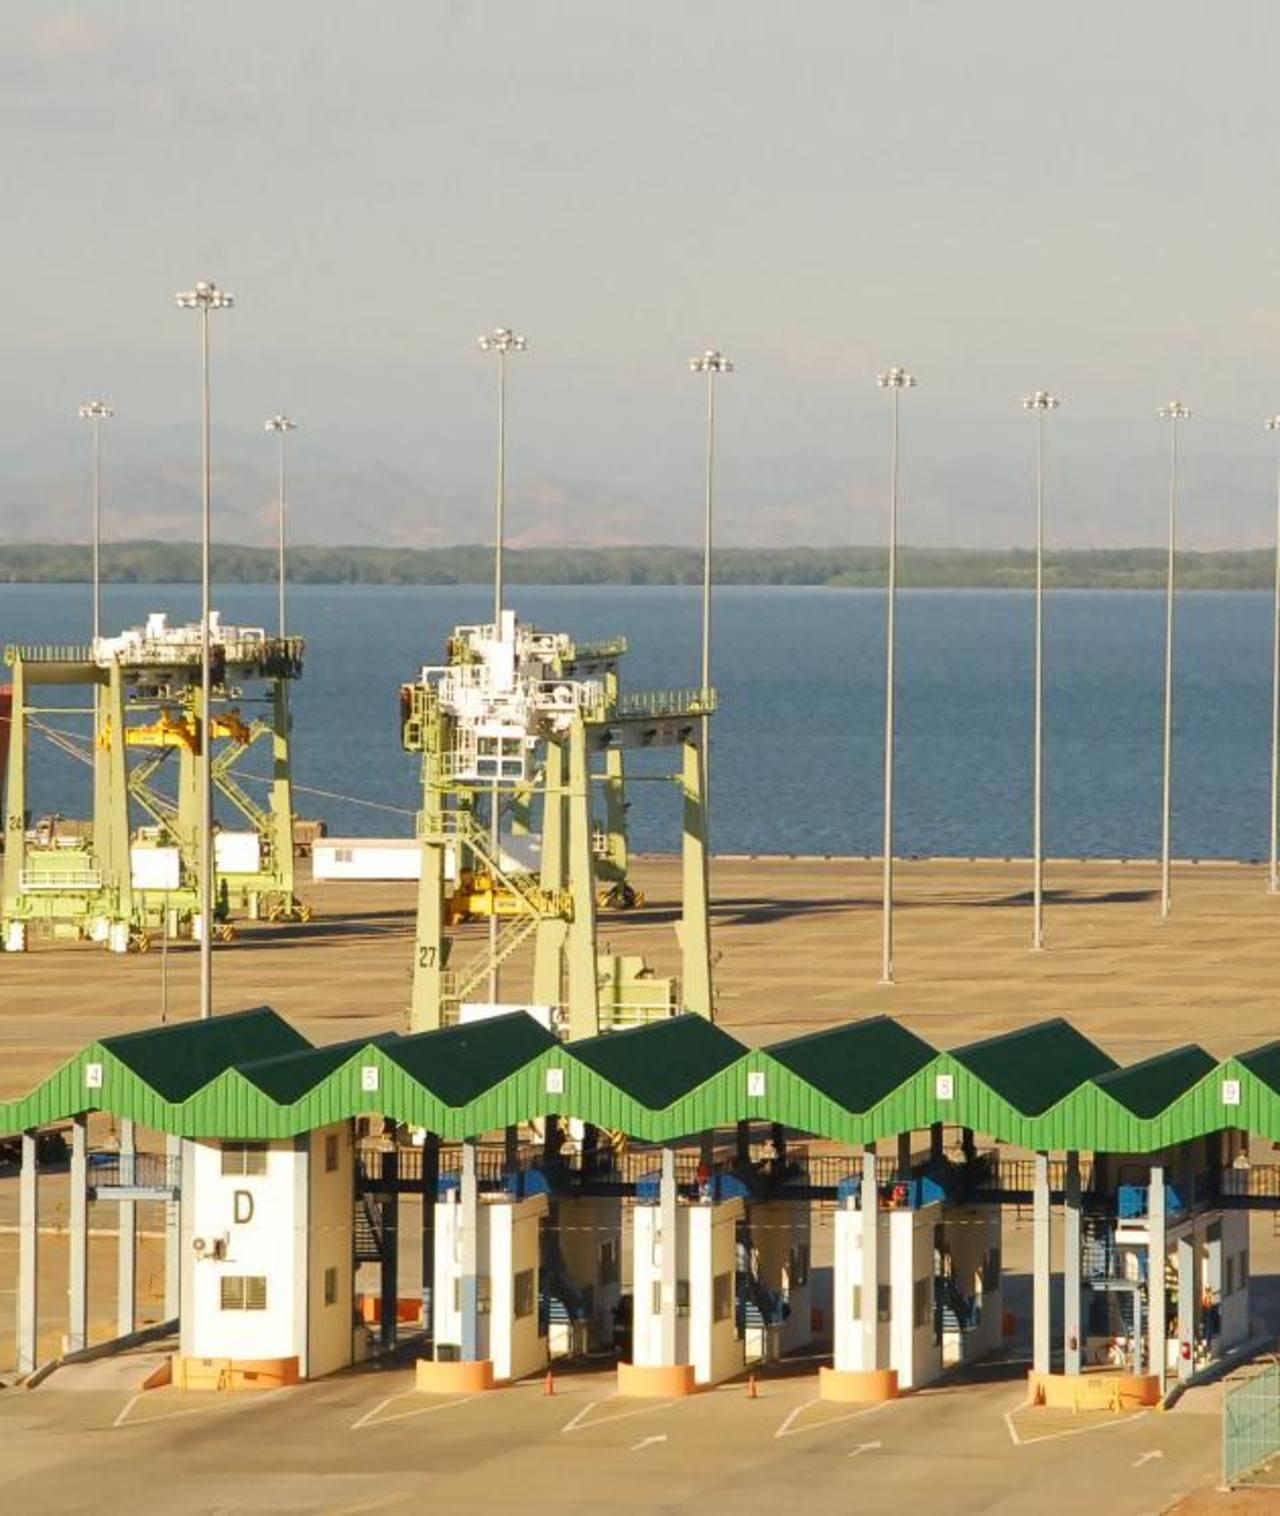 Las inversiones que se han realizado desde hace ocho años solo generan pérdidas. Foto EDH / El puerto de La Unión continúa siendo financiado por terceros que si generan rentabilidad. Es un millonario adorno en el horizonte del Golfo de Fonseca. Foto